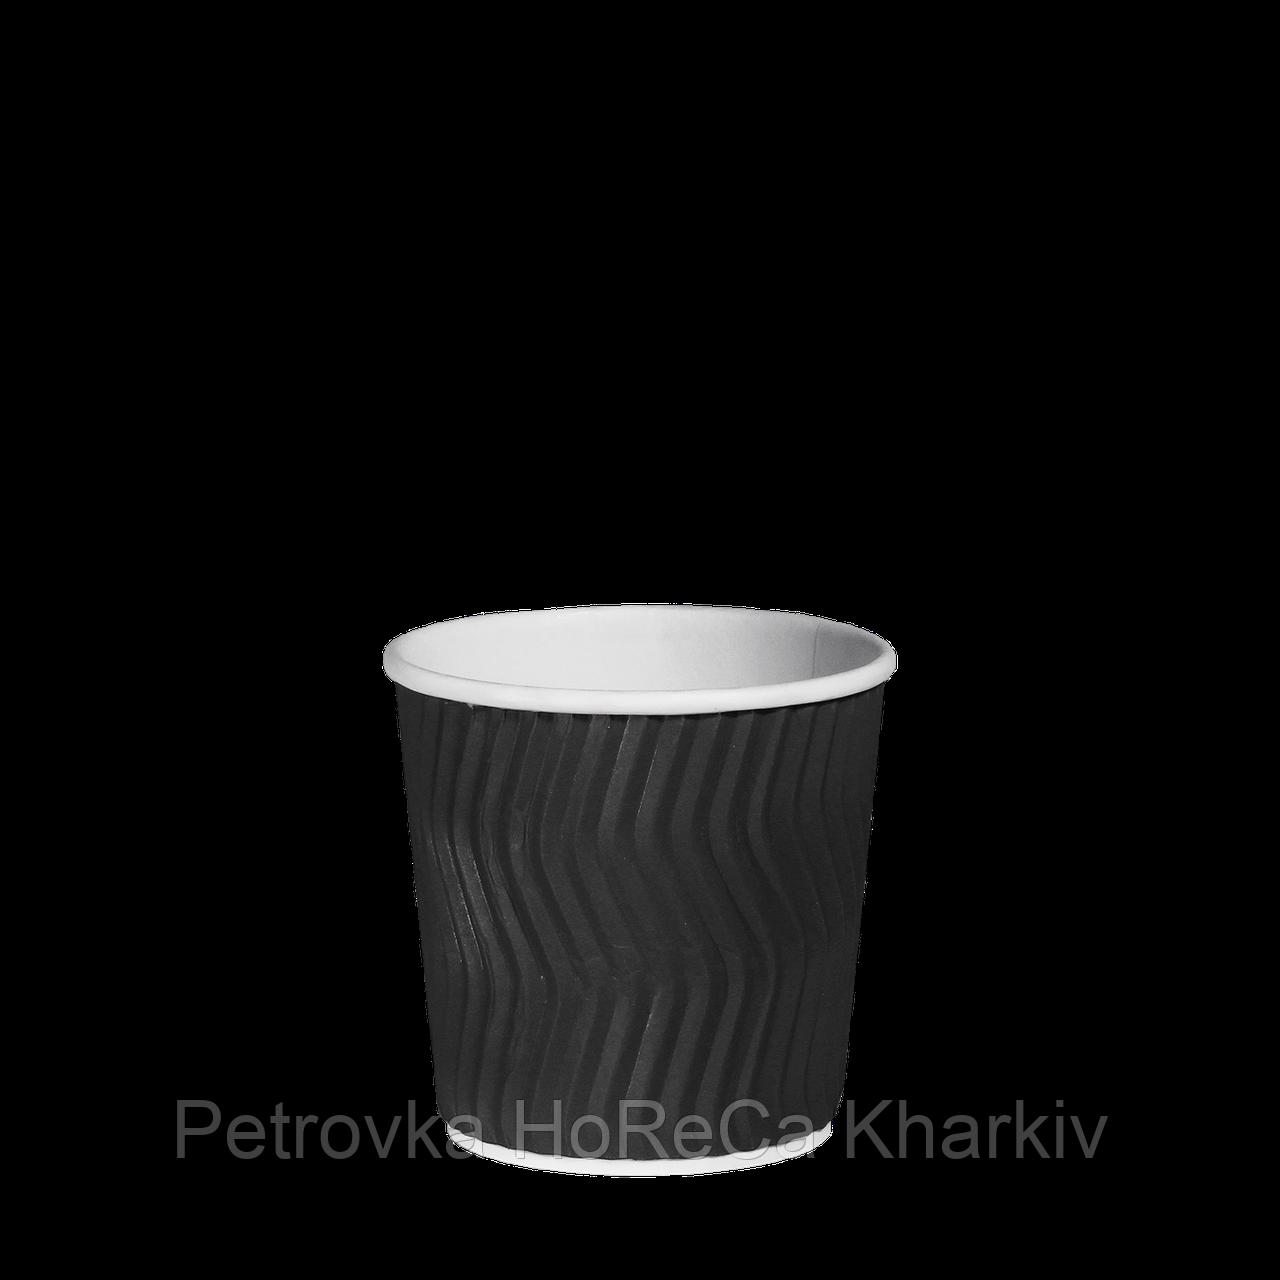 Одноразовий стакан гофрований Чорний 110мл. 30шт/рук; 48рук/ящ; 1440шт/ящ